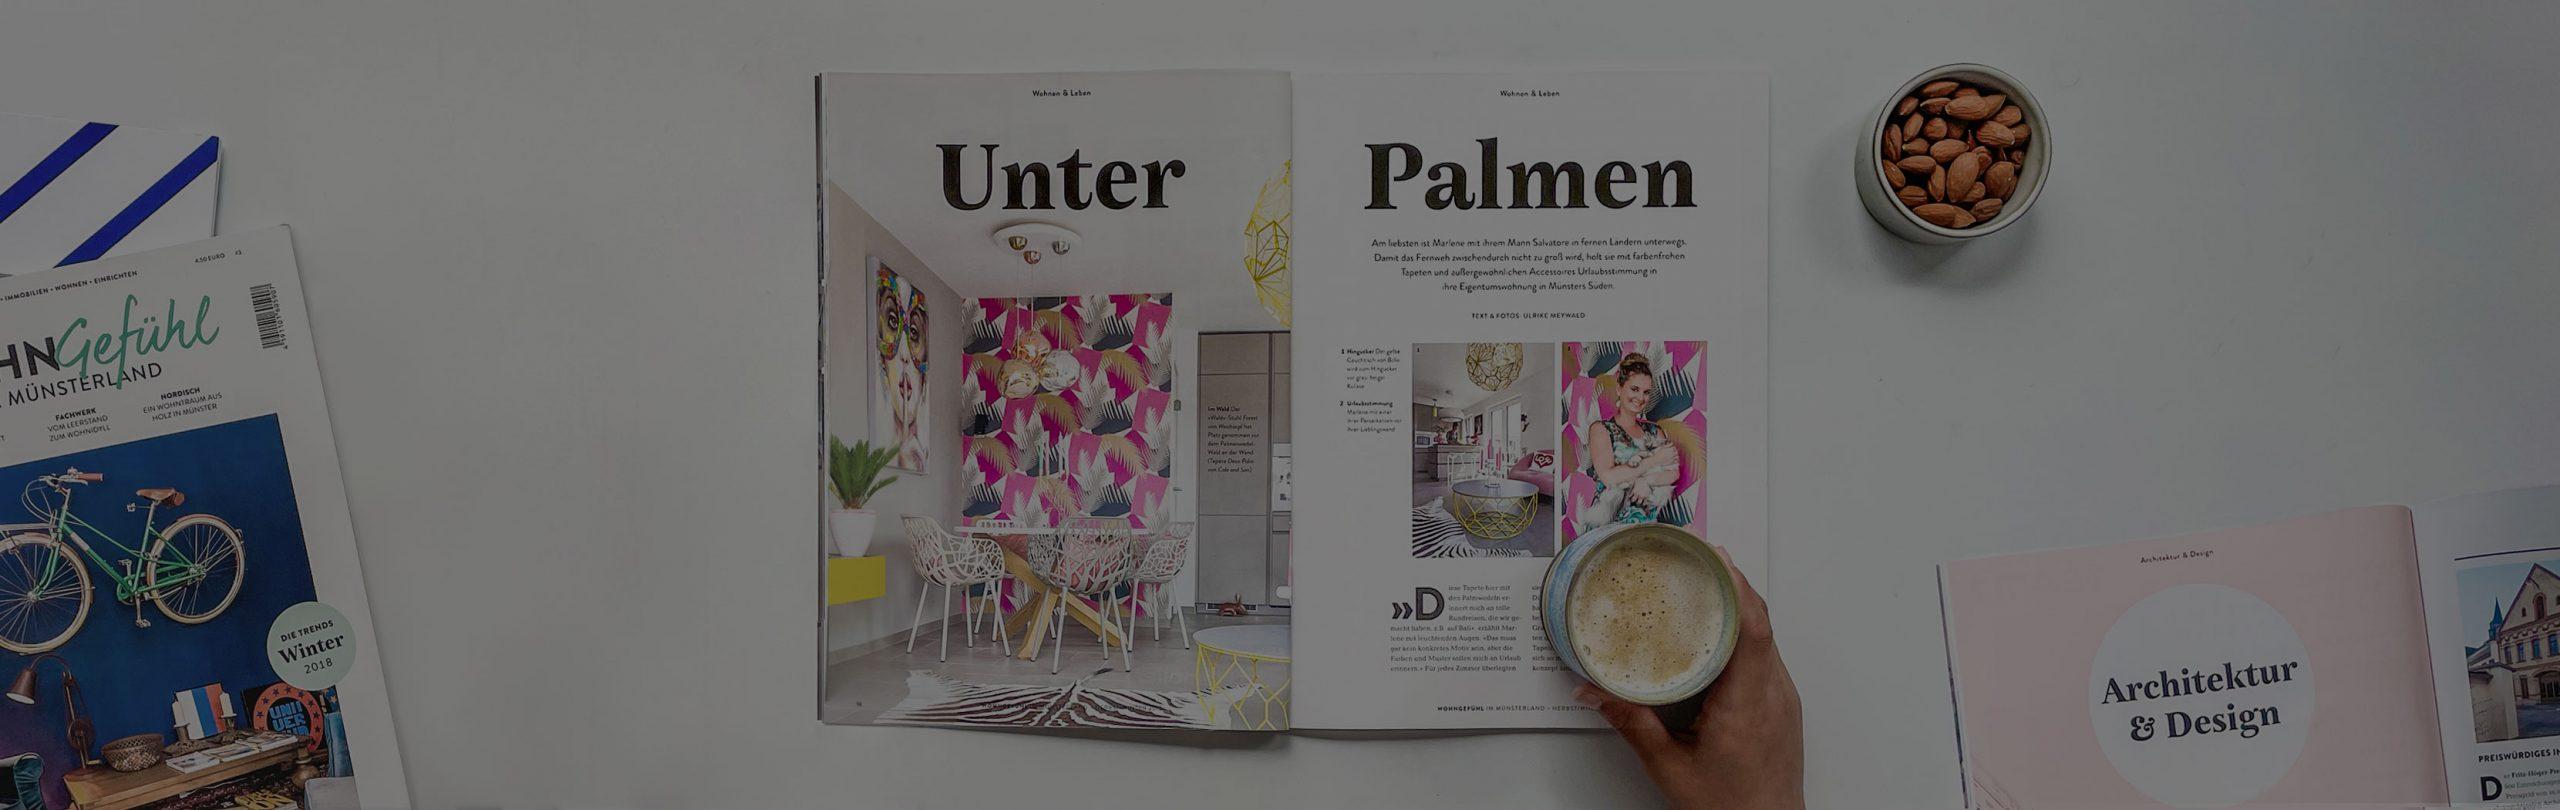 Aufgeschlagene Magazine mit Kaffee und Nüssen daneben und darüber